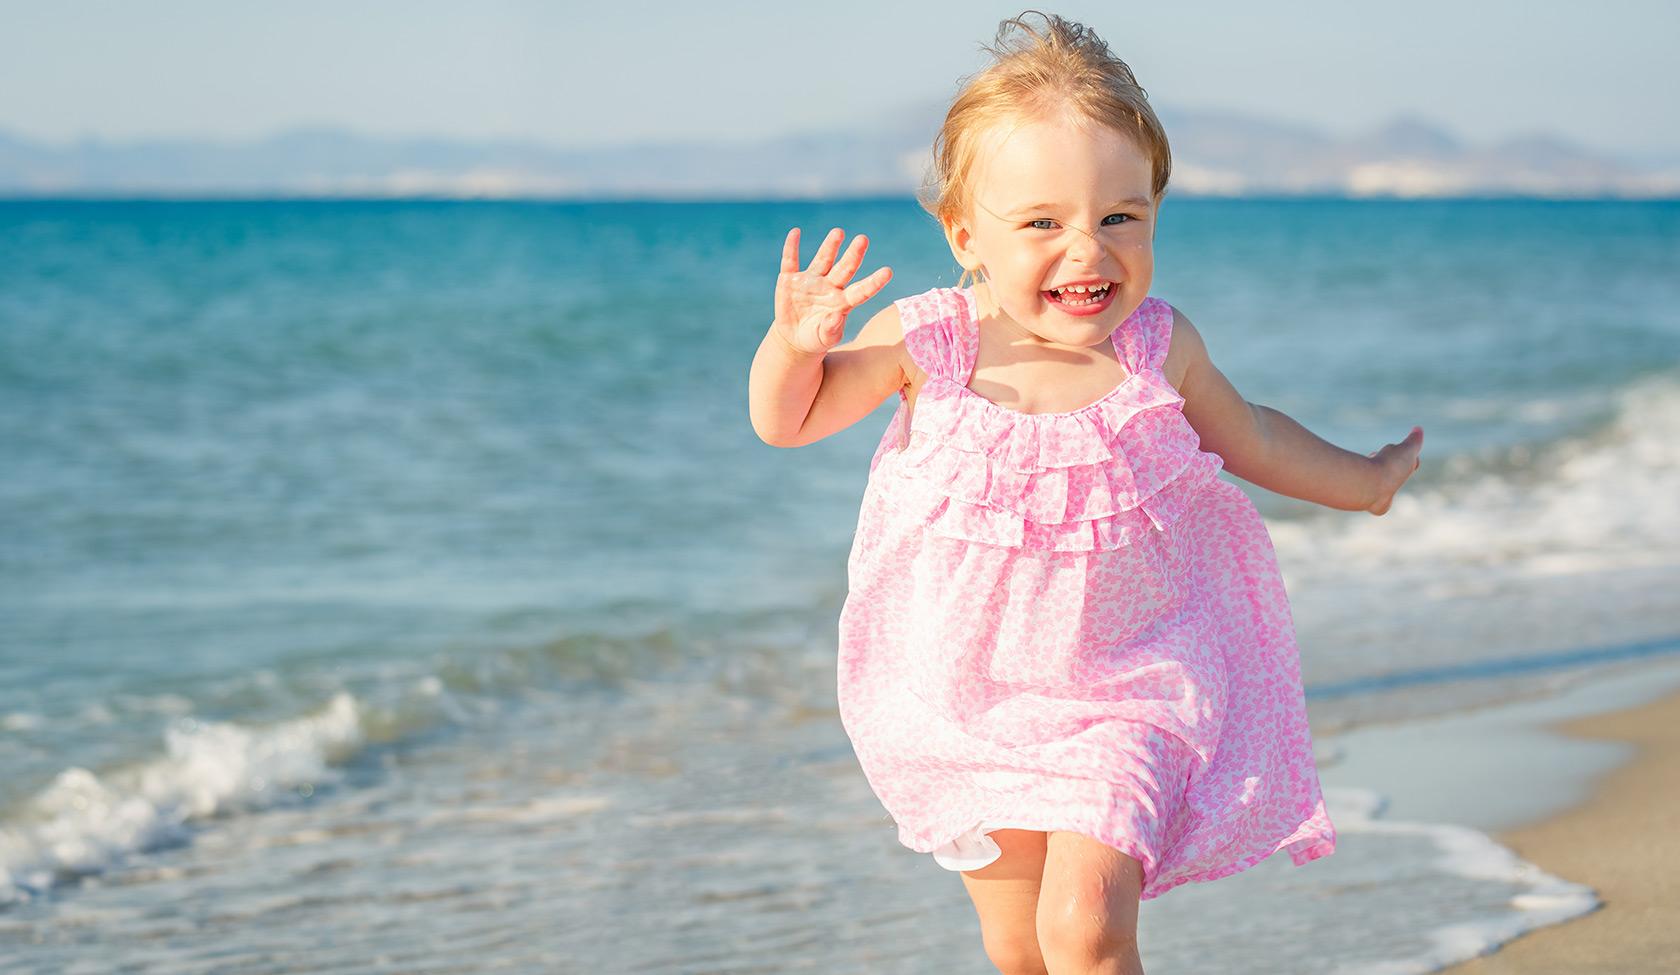 Фото маленькие девочки на пляже 13 фотография